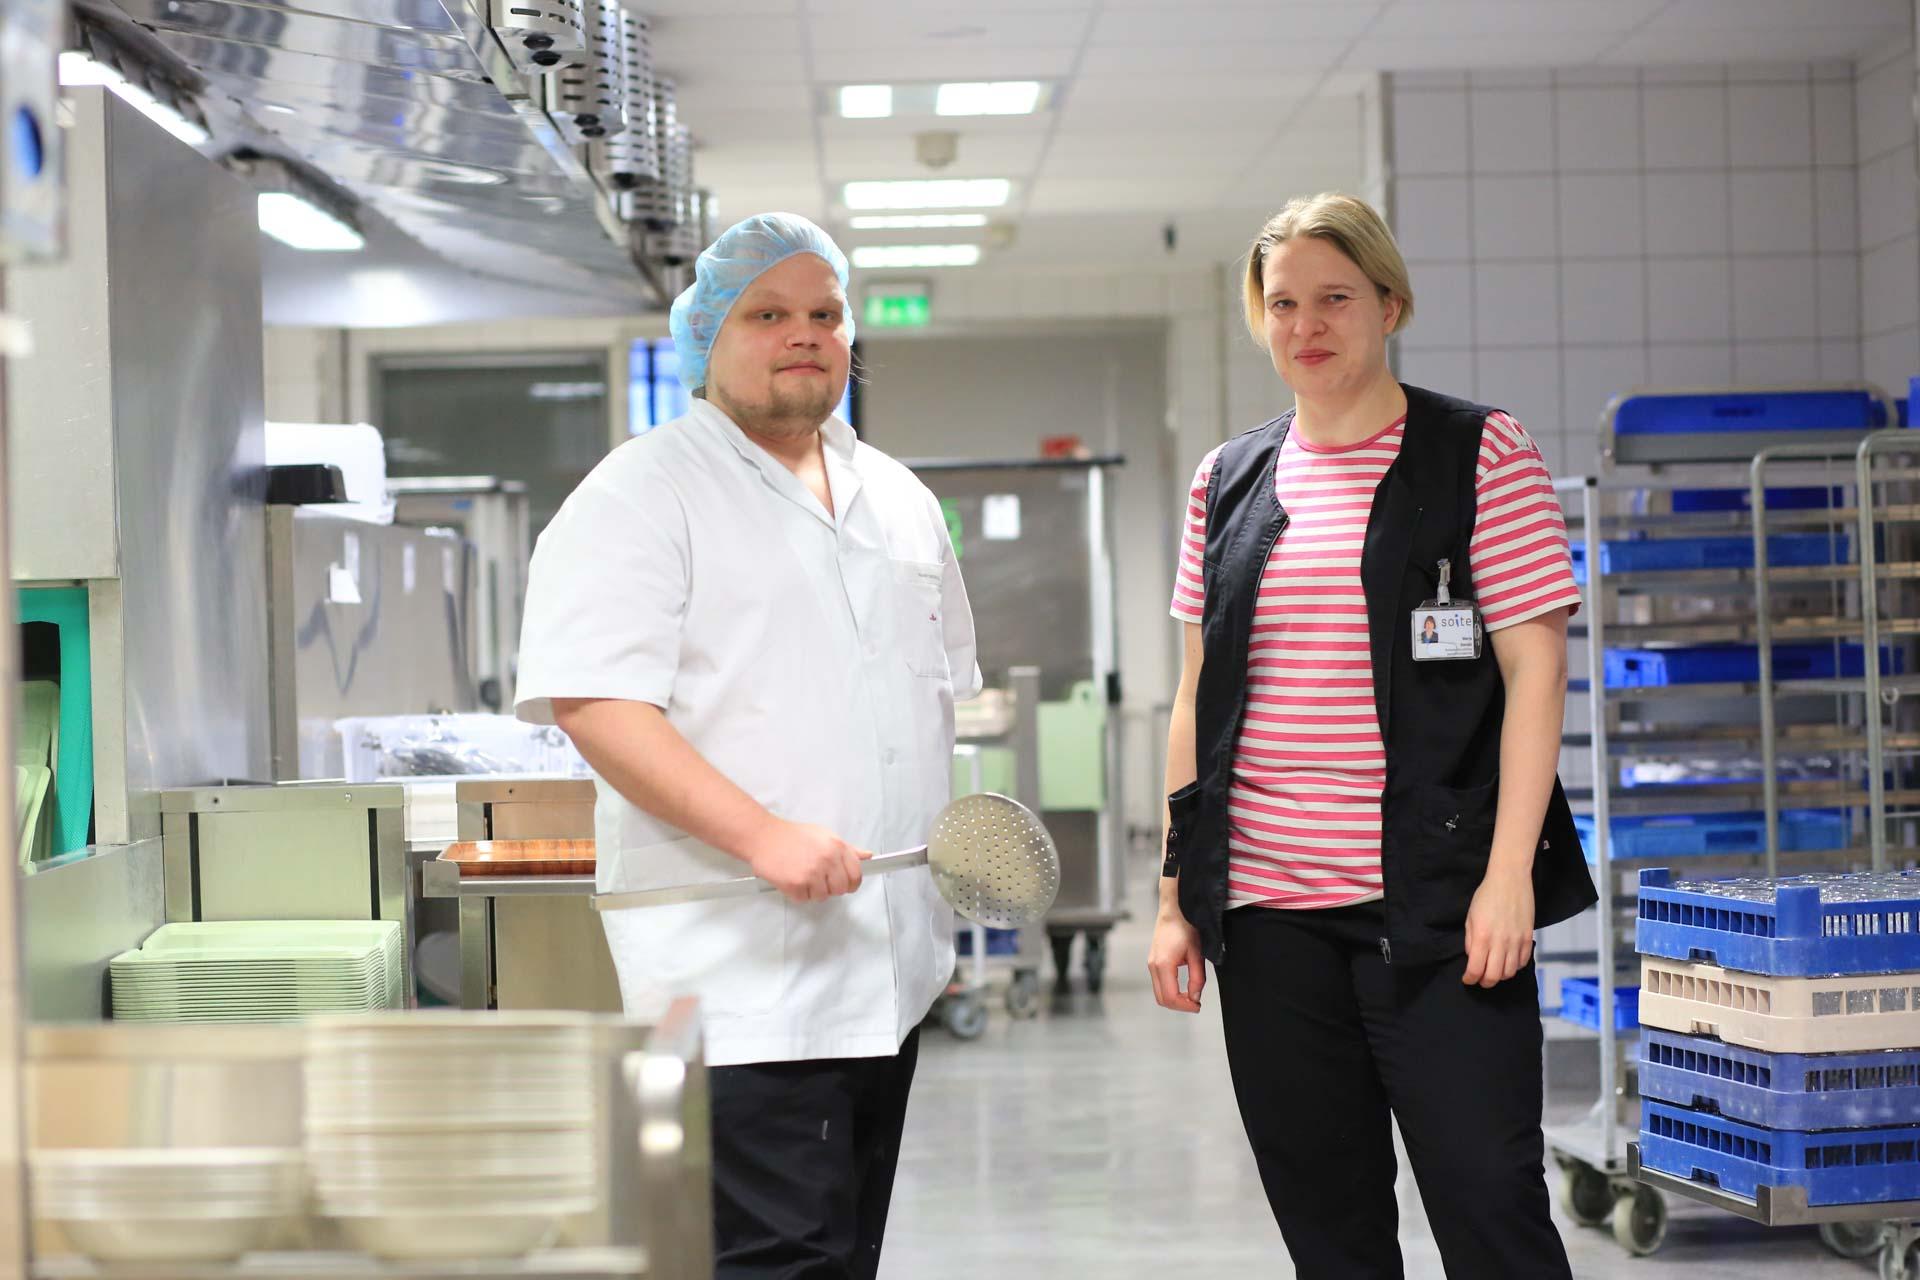 Kuvassa Soiten ruokapalveluiden työntekijät poseeraavat suurkeittiössä.